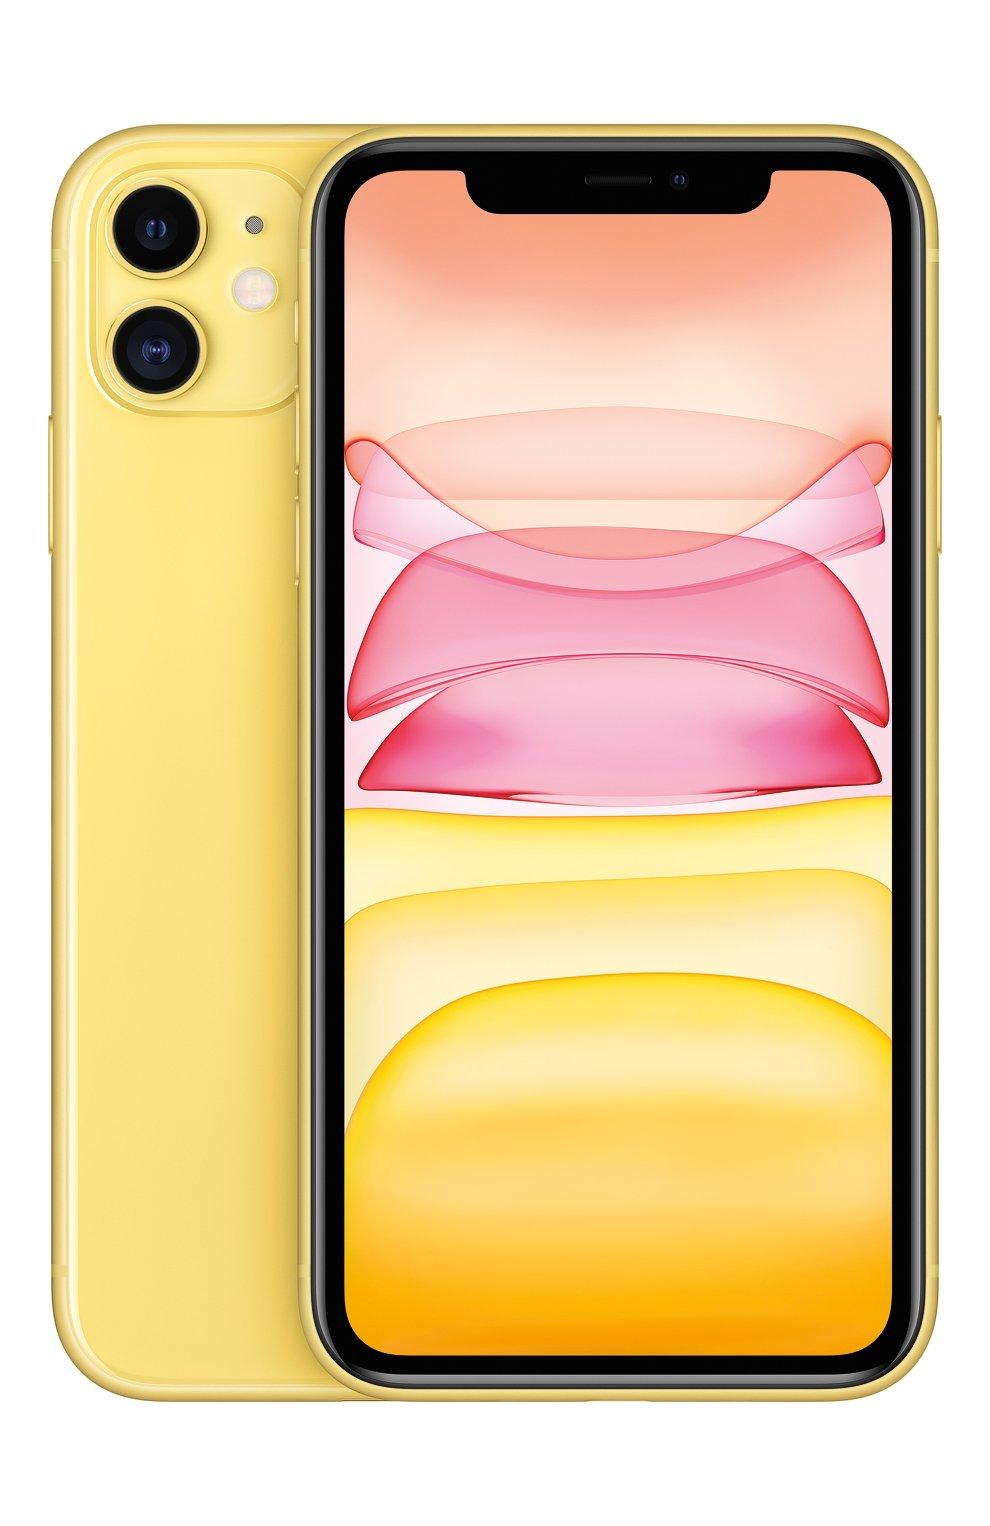 Мужской iphone 11 256gb yellow APPLE  yellow цвета, арт. MWMA2RU/A   Фото 2